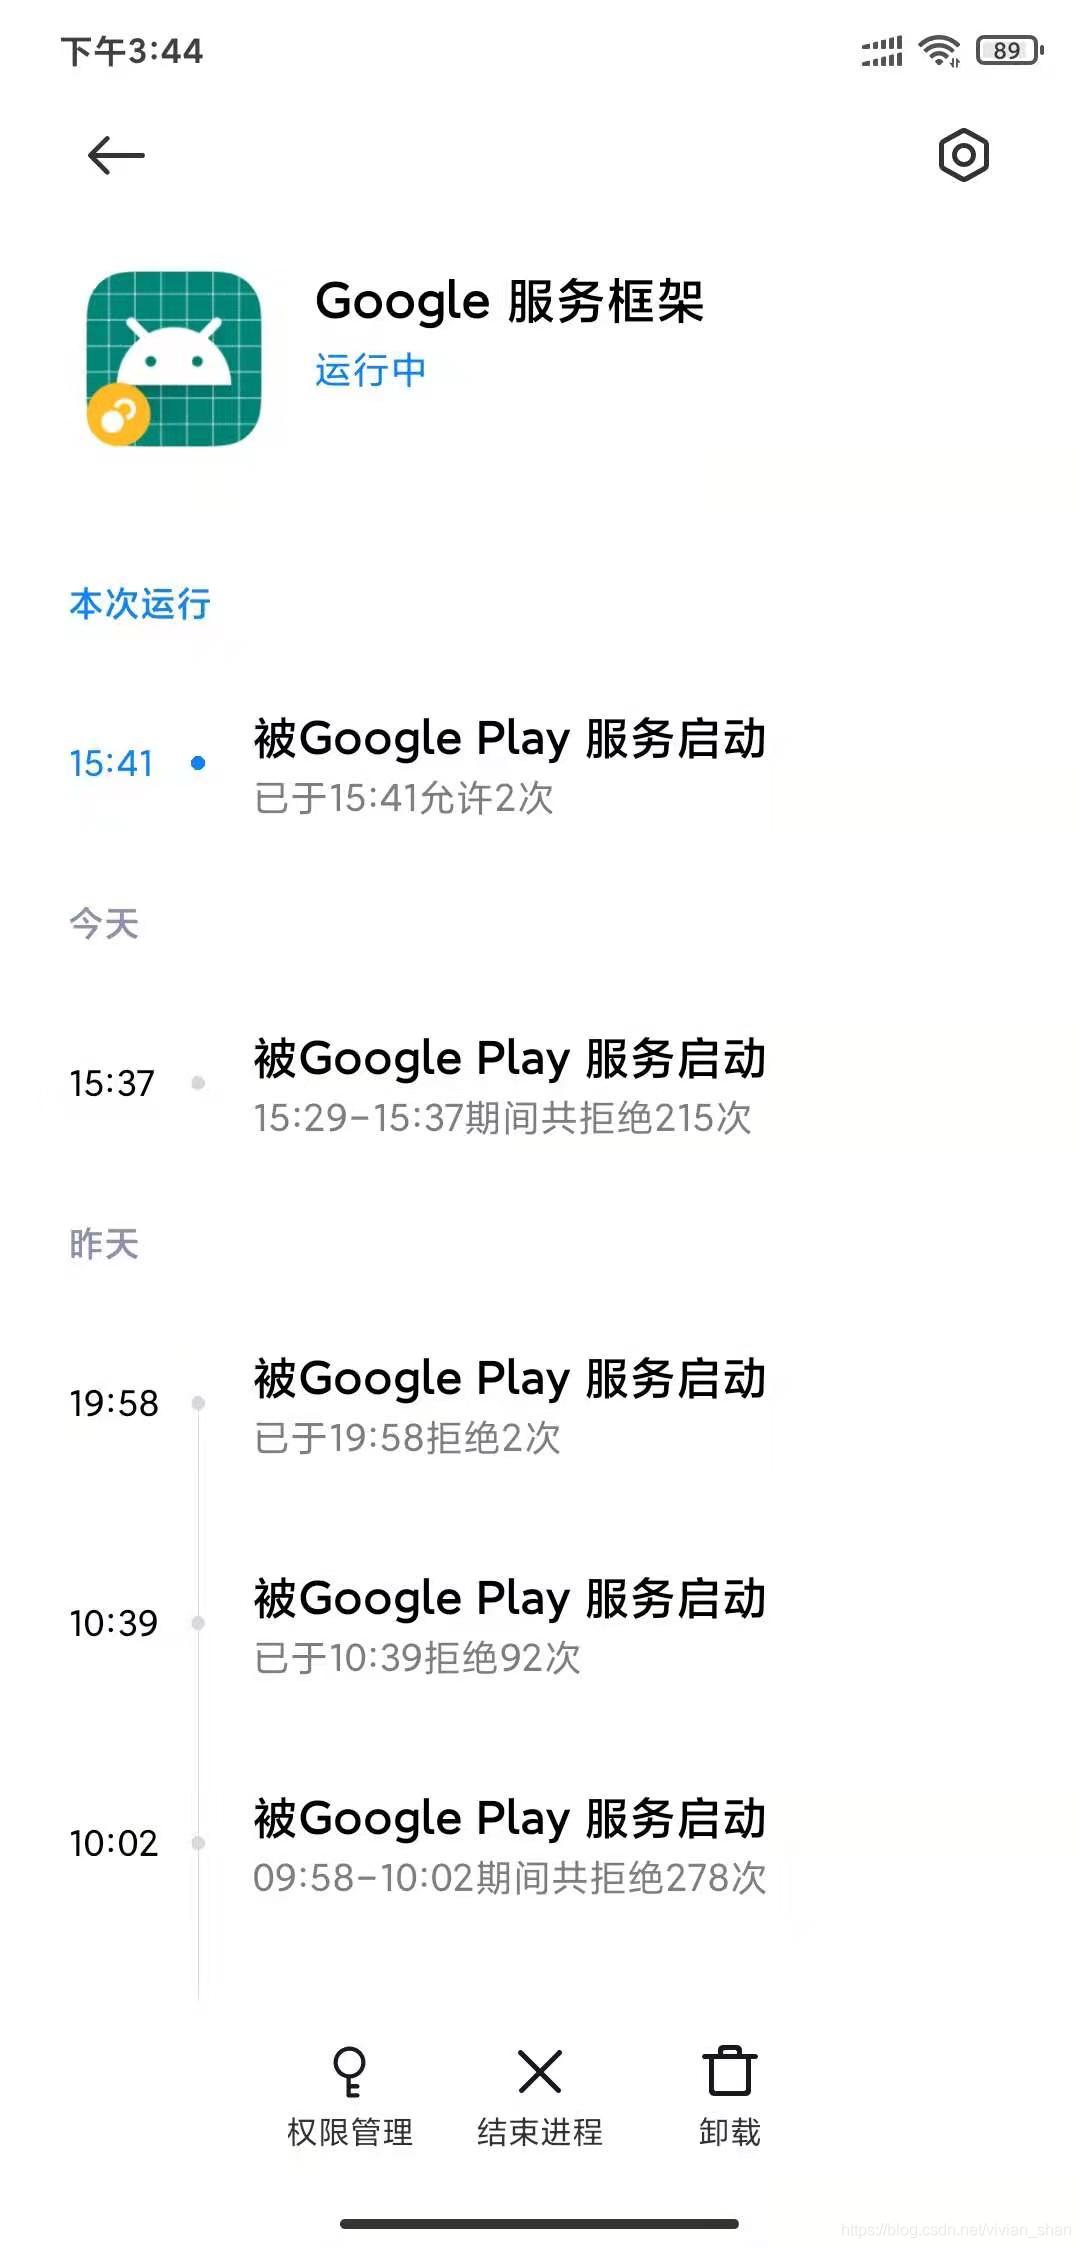 谷歌商店:从服务器检索信息出错(DF-DFERH-01)-1